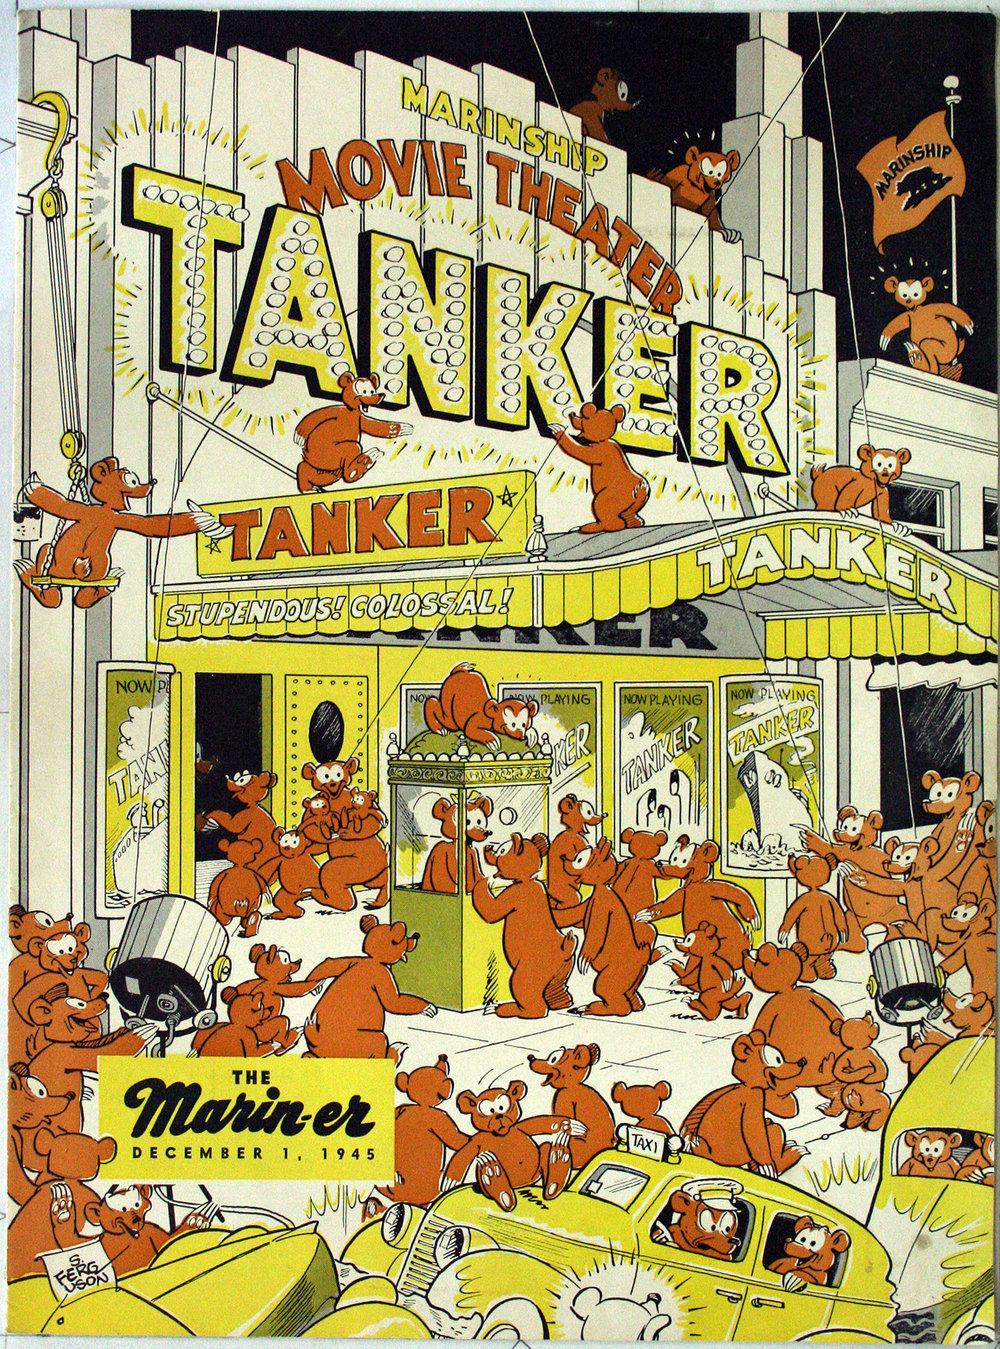 Tanker Poster 19451201 (1).jpg